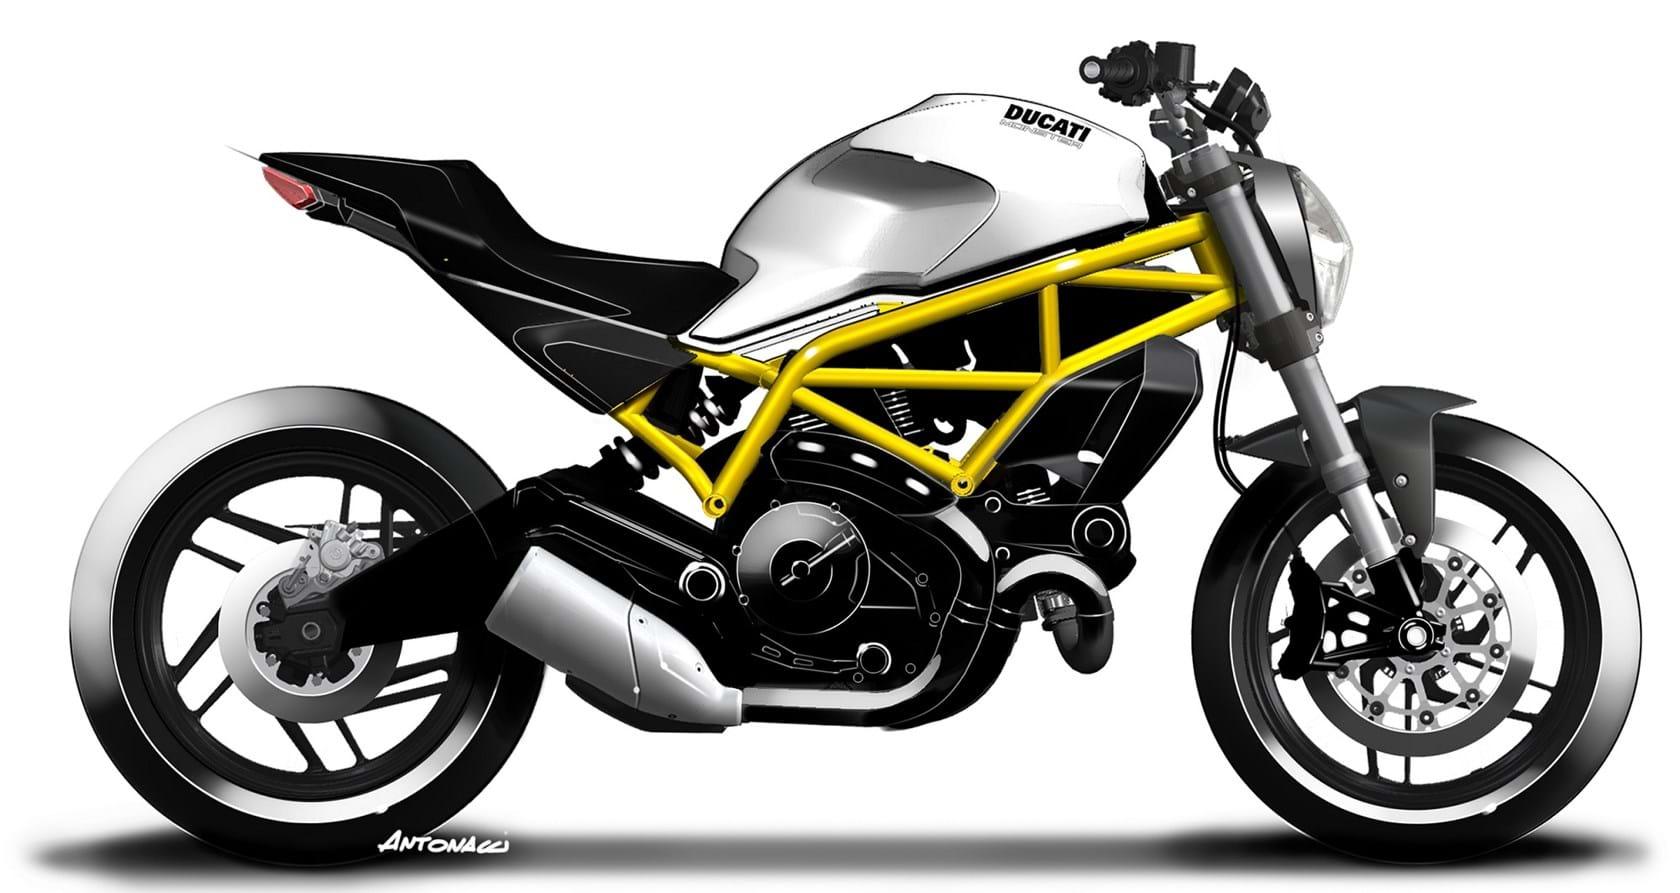 For Sale Ducati Monster 797 The Bike Market